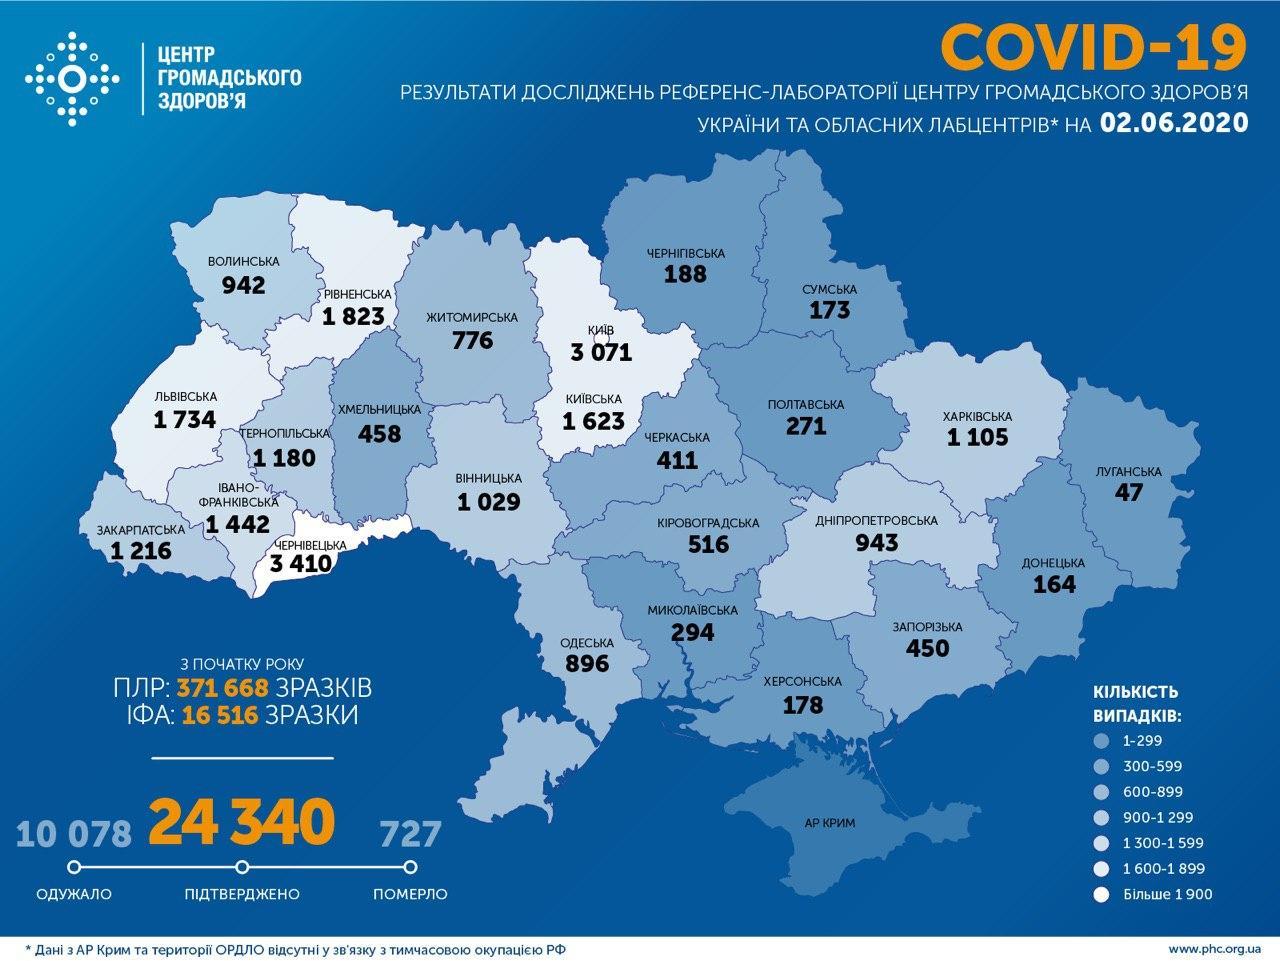 В Україні виявлено 24340 випадків захворювання Covid-19, за минулу добу - 328